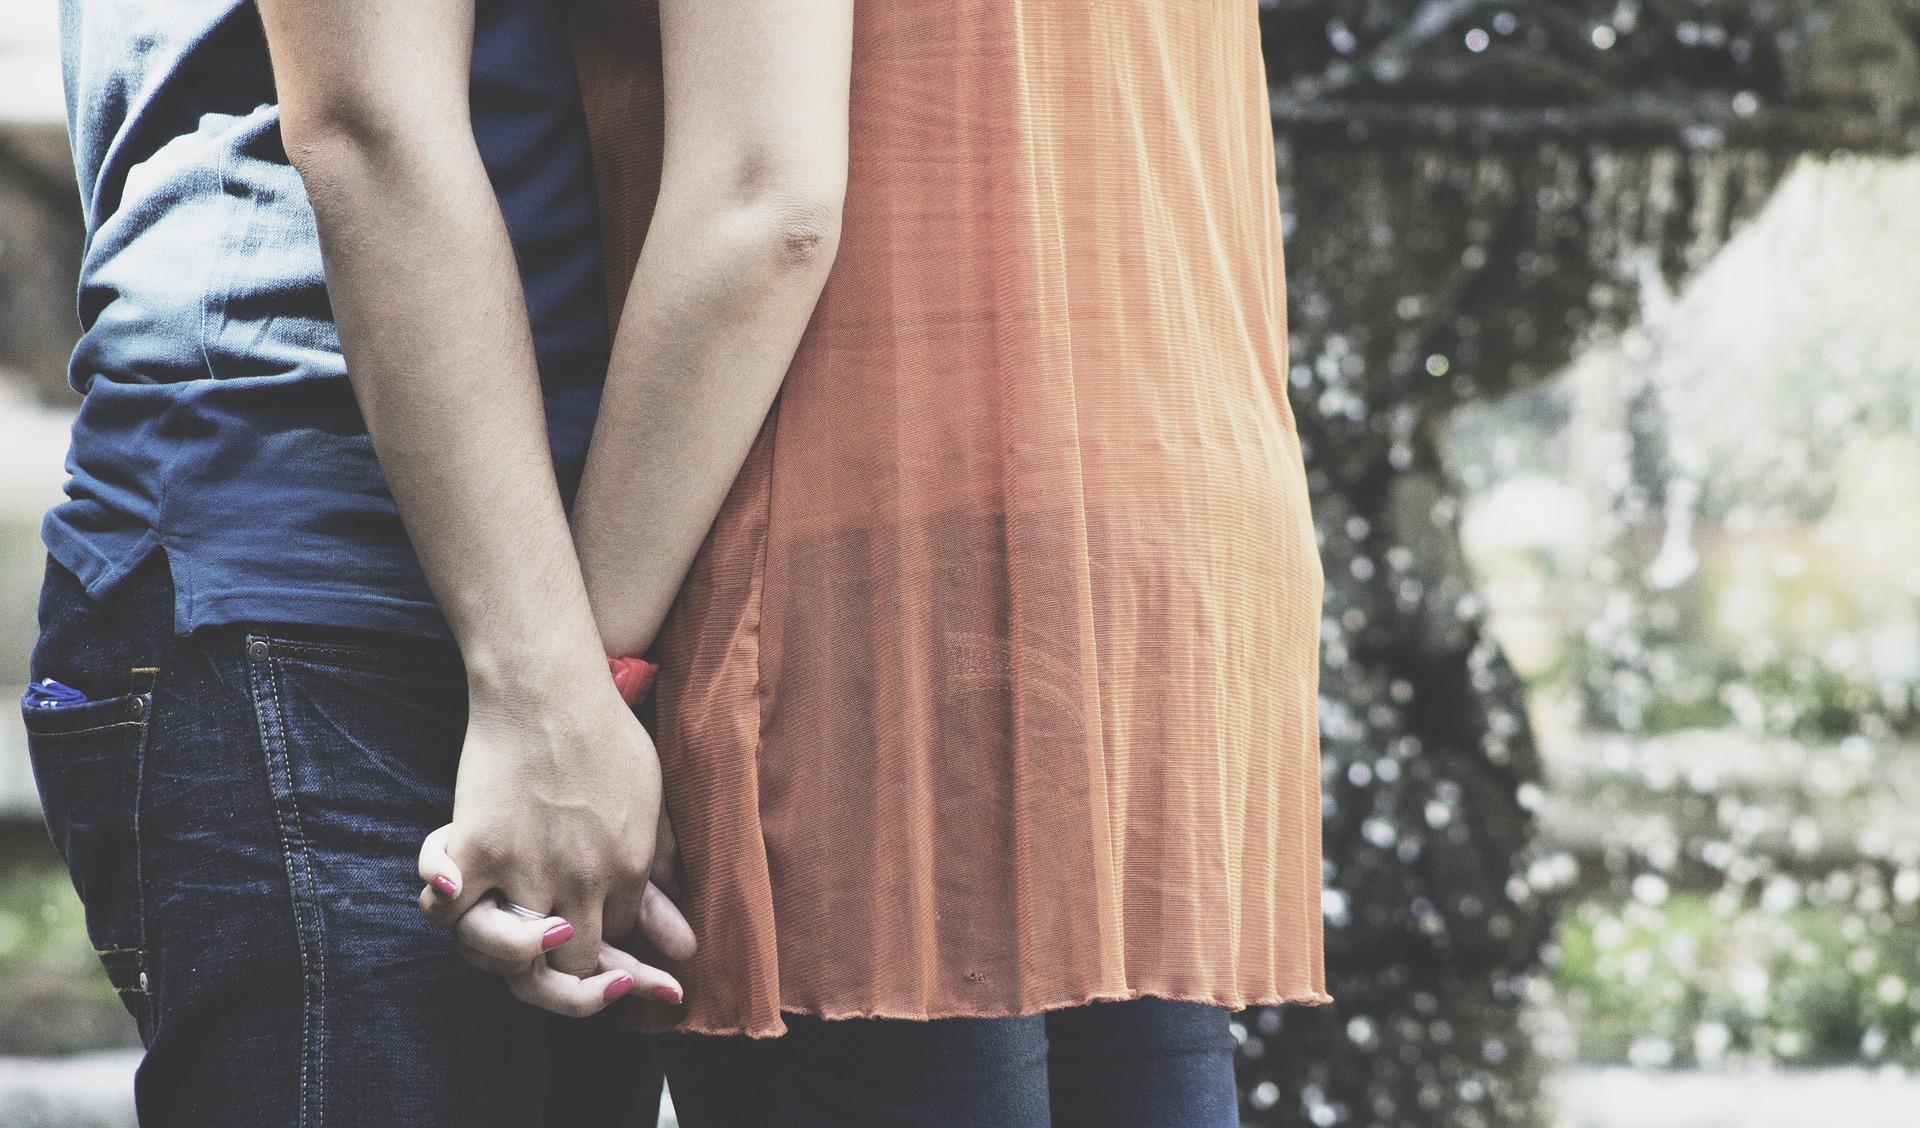 őrült vicces randevú történet